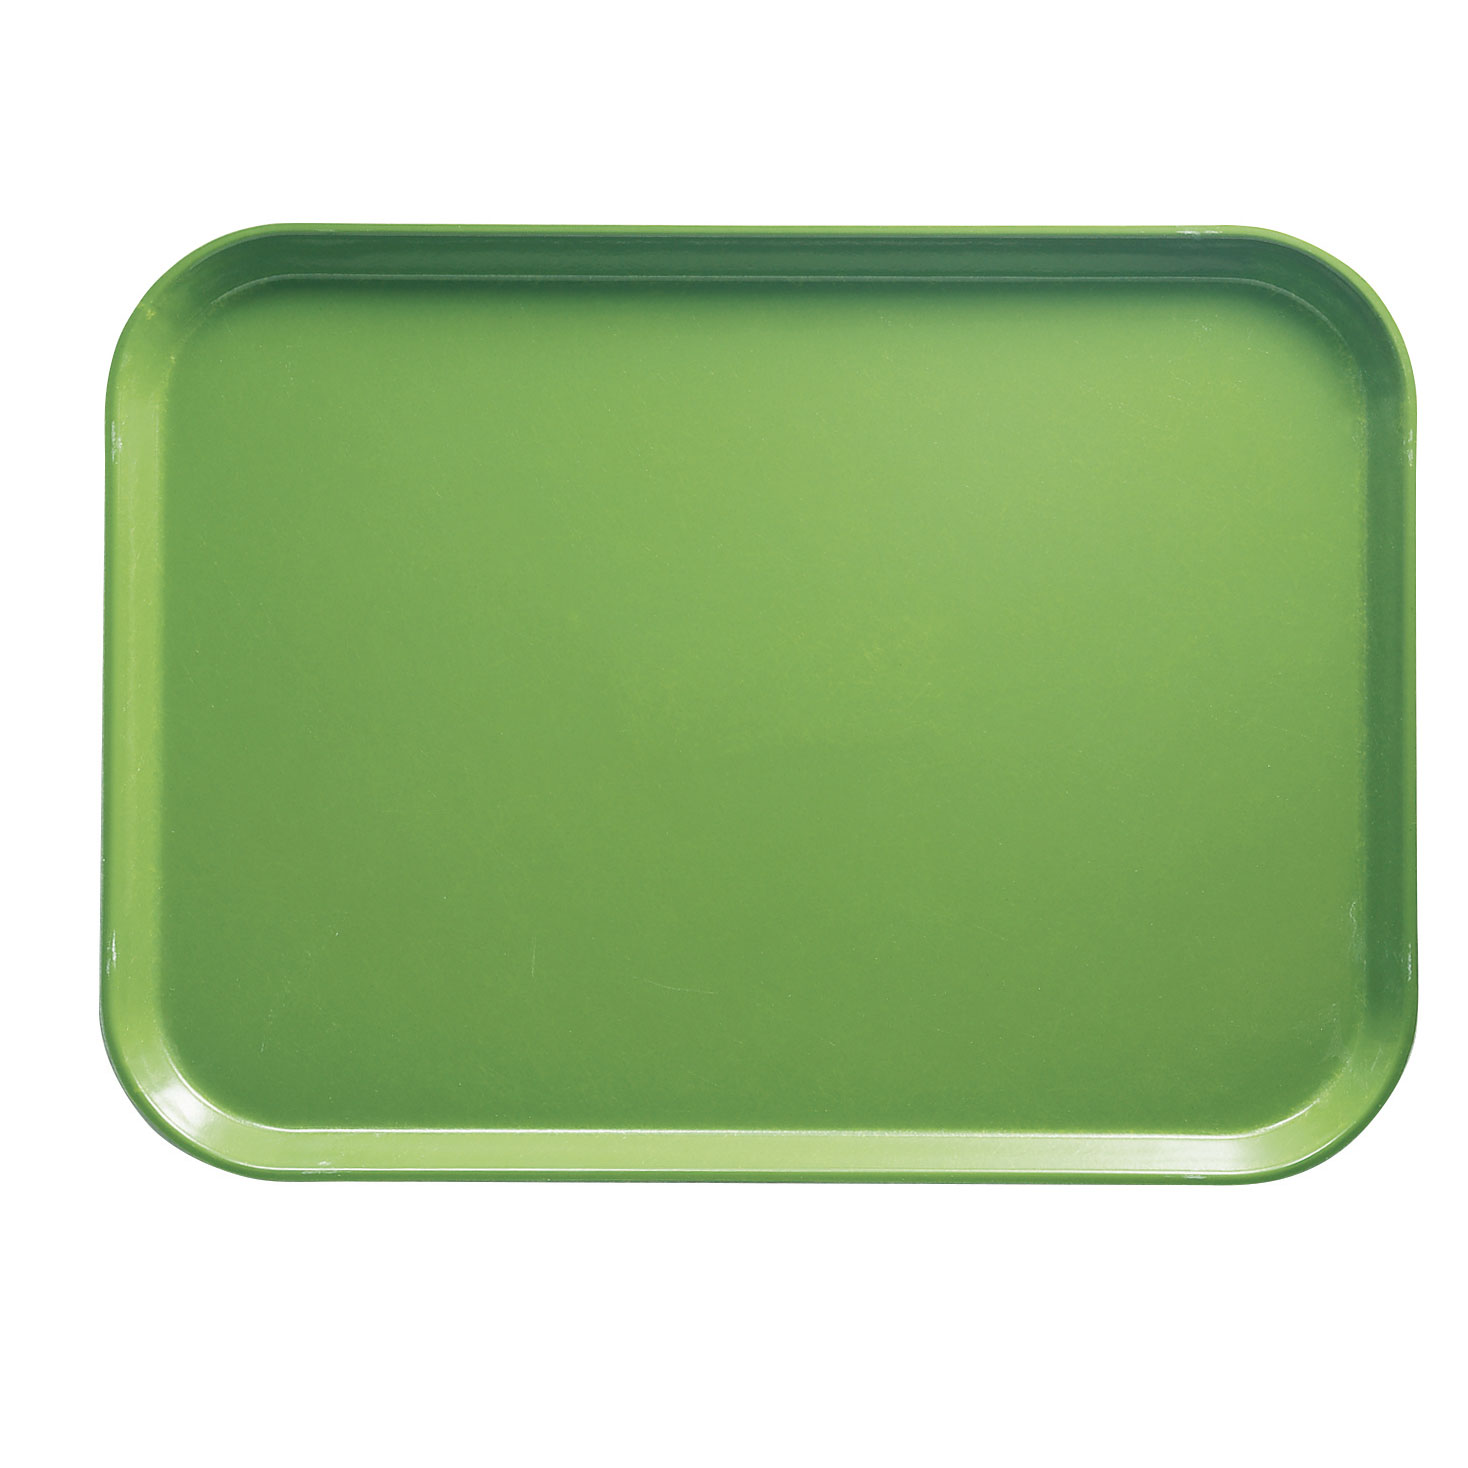 Cambro 16225113 cafeteria tray